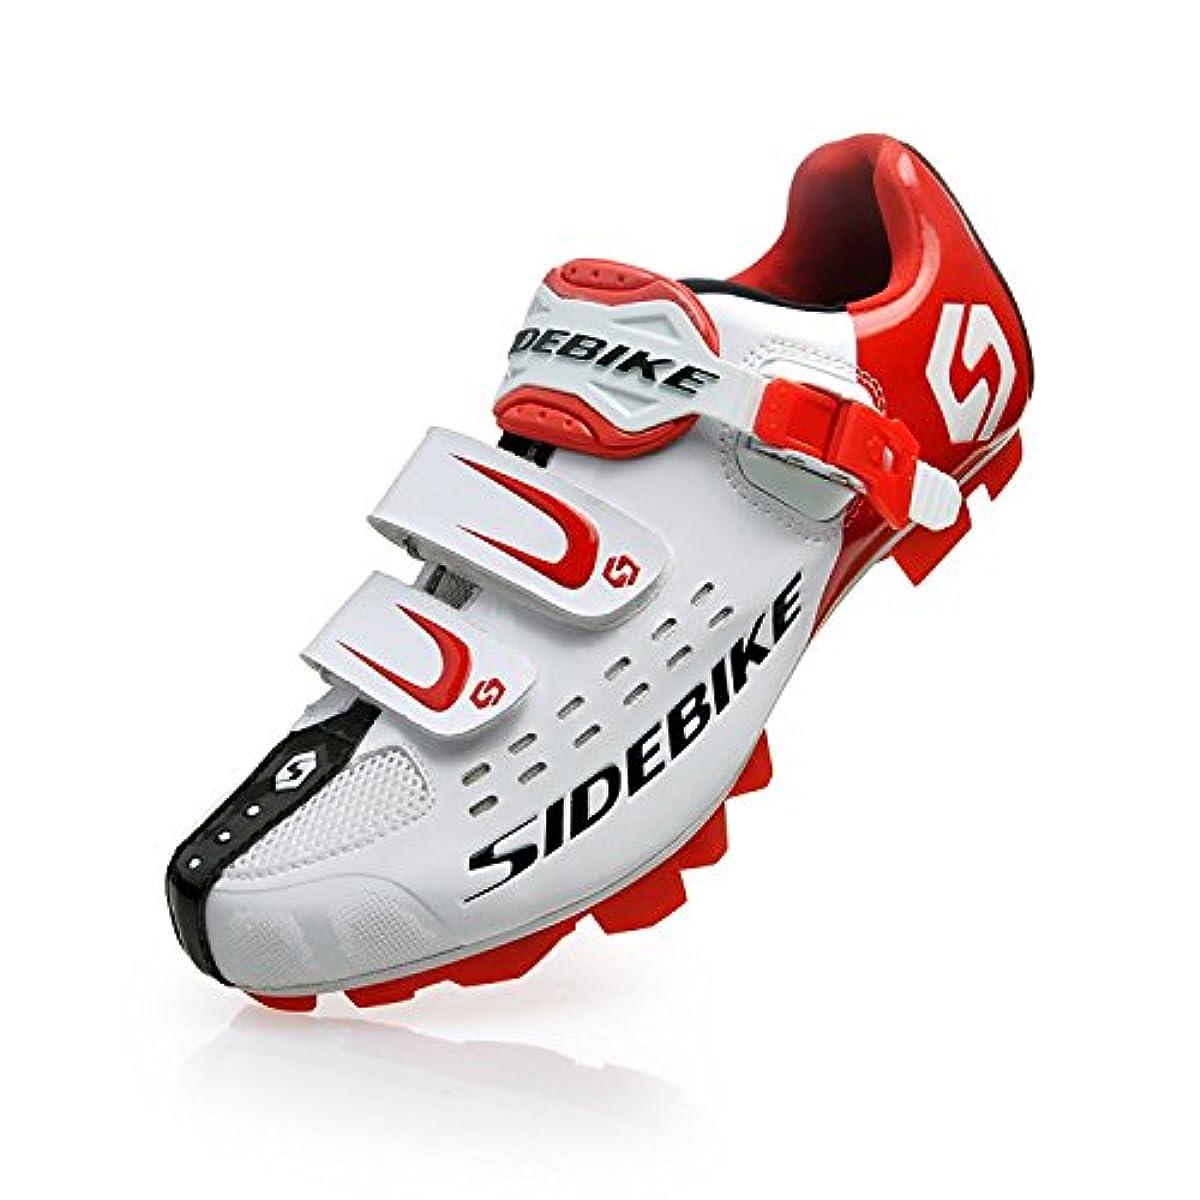 [해외] [# 쌀] 자전거 슈즈 빈딩 슈즈 사이클링 슈즈 산악자전거 슈즈 경쟁